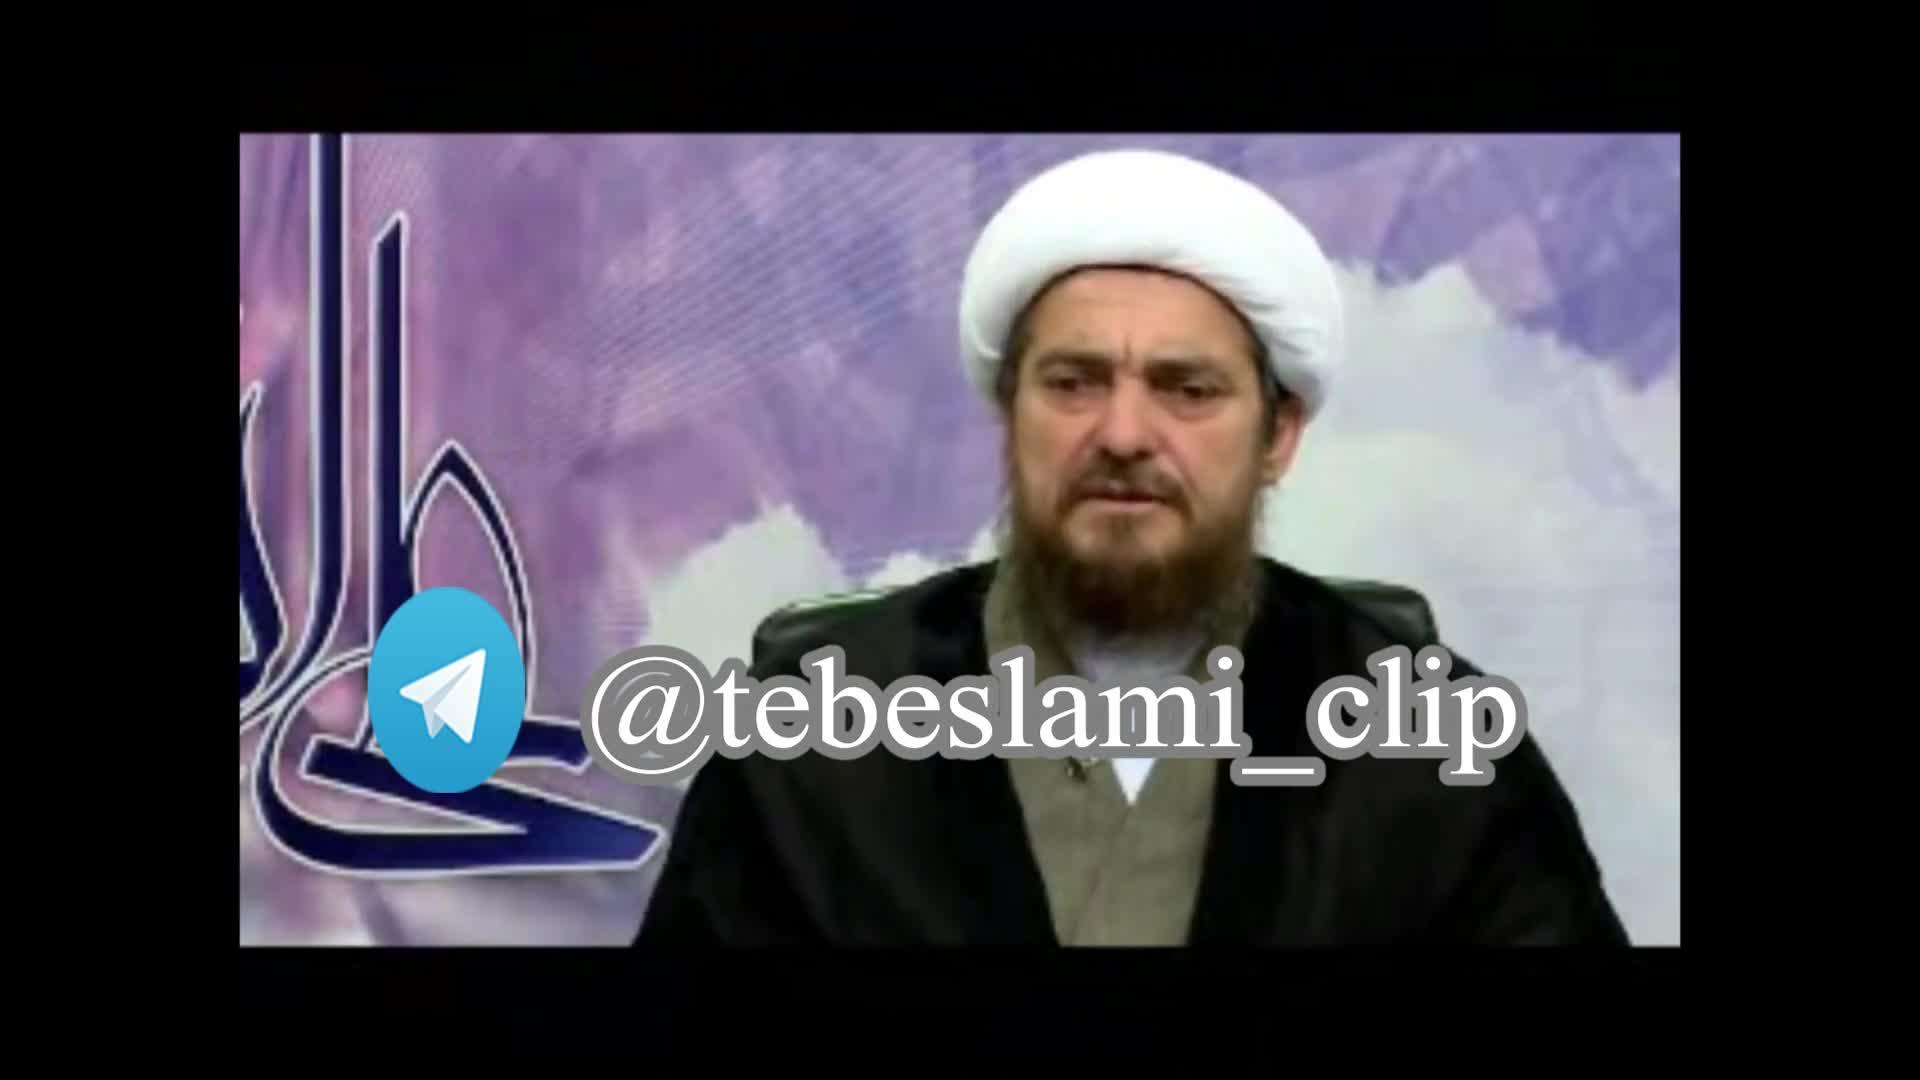 الله اکبر - پر کردن دندان سوراخ  به روش طبیعی - استاد عباس تبریزیان ( پدر طب اسلامی )